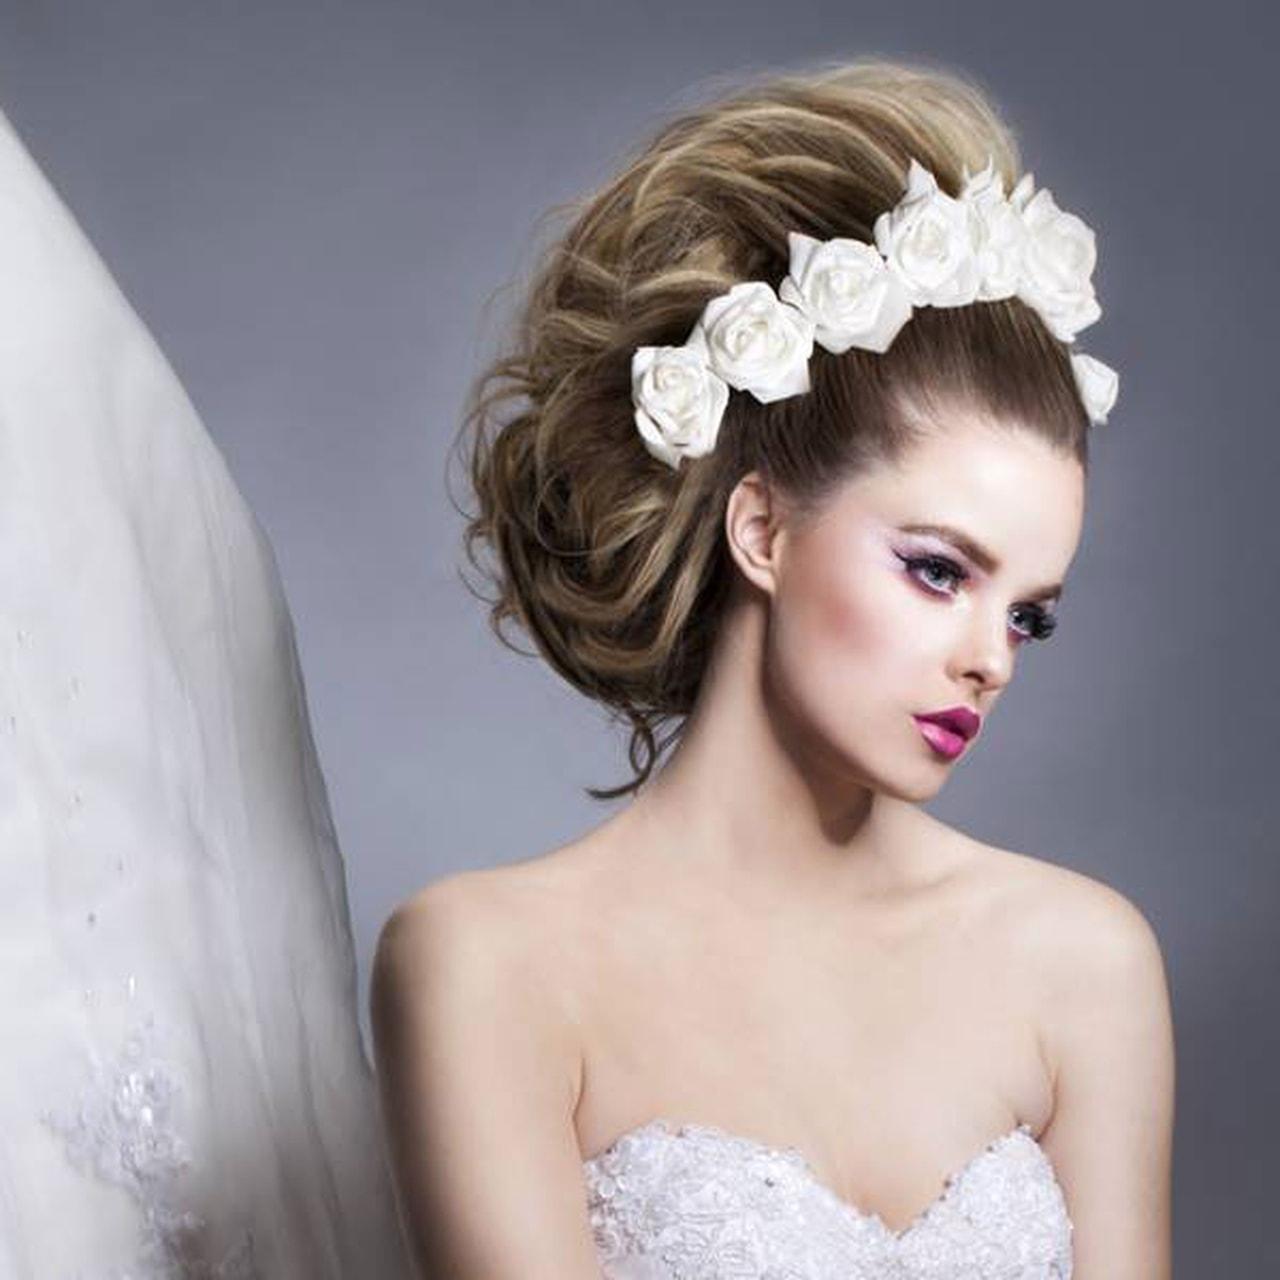 صورة احلى تسريحه عروس , تسريحات روعة للعروسة